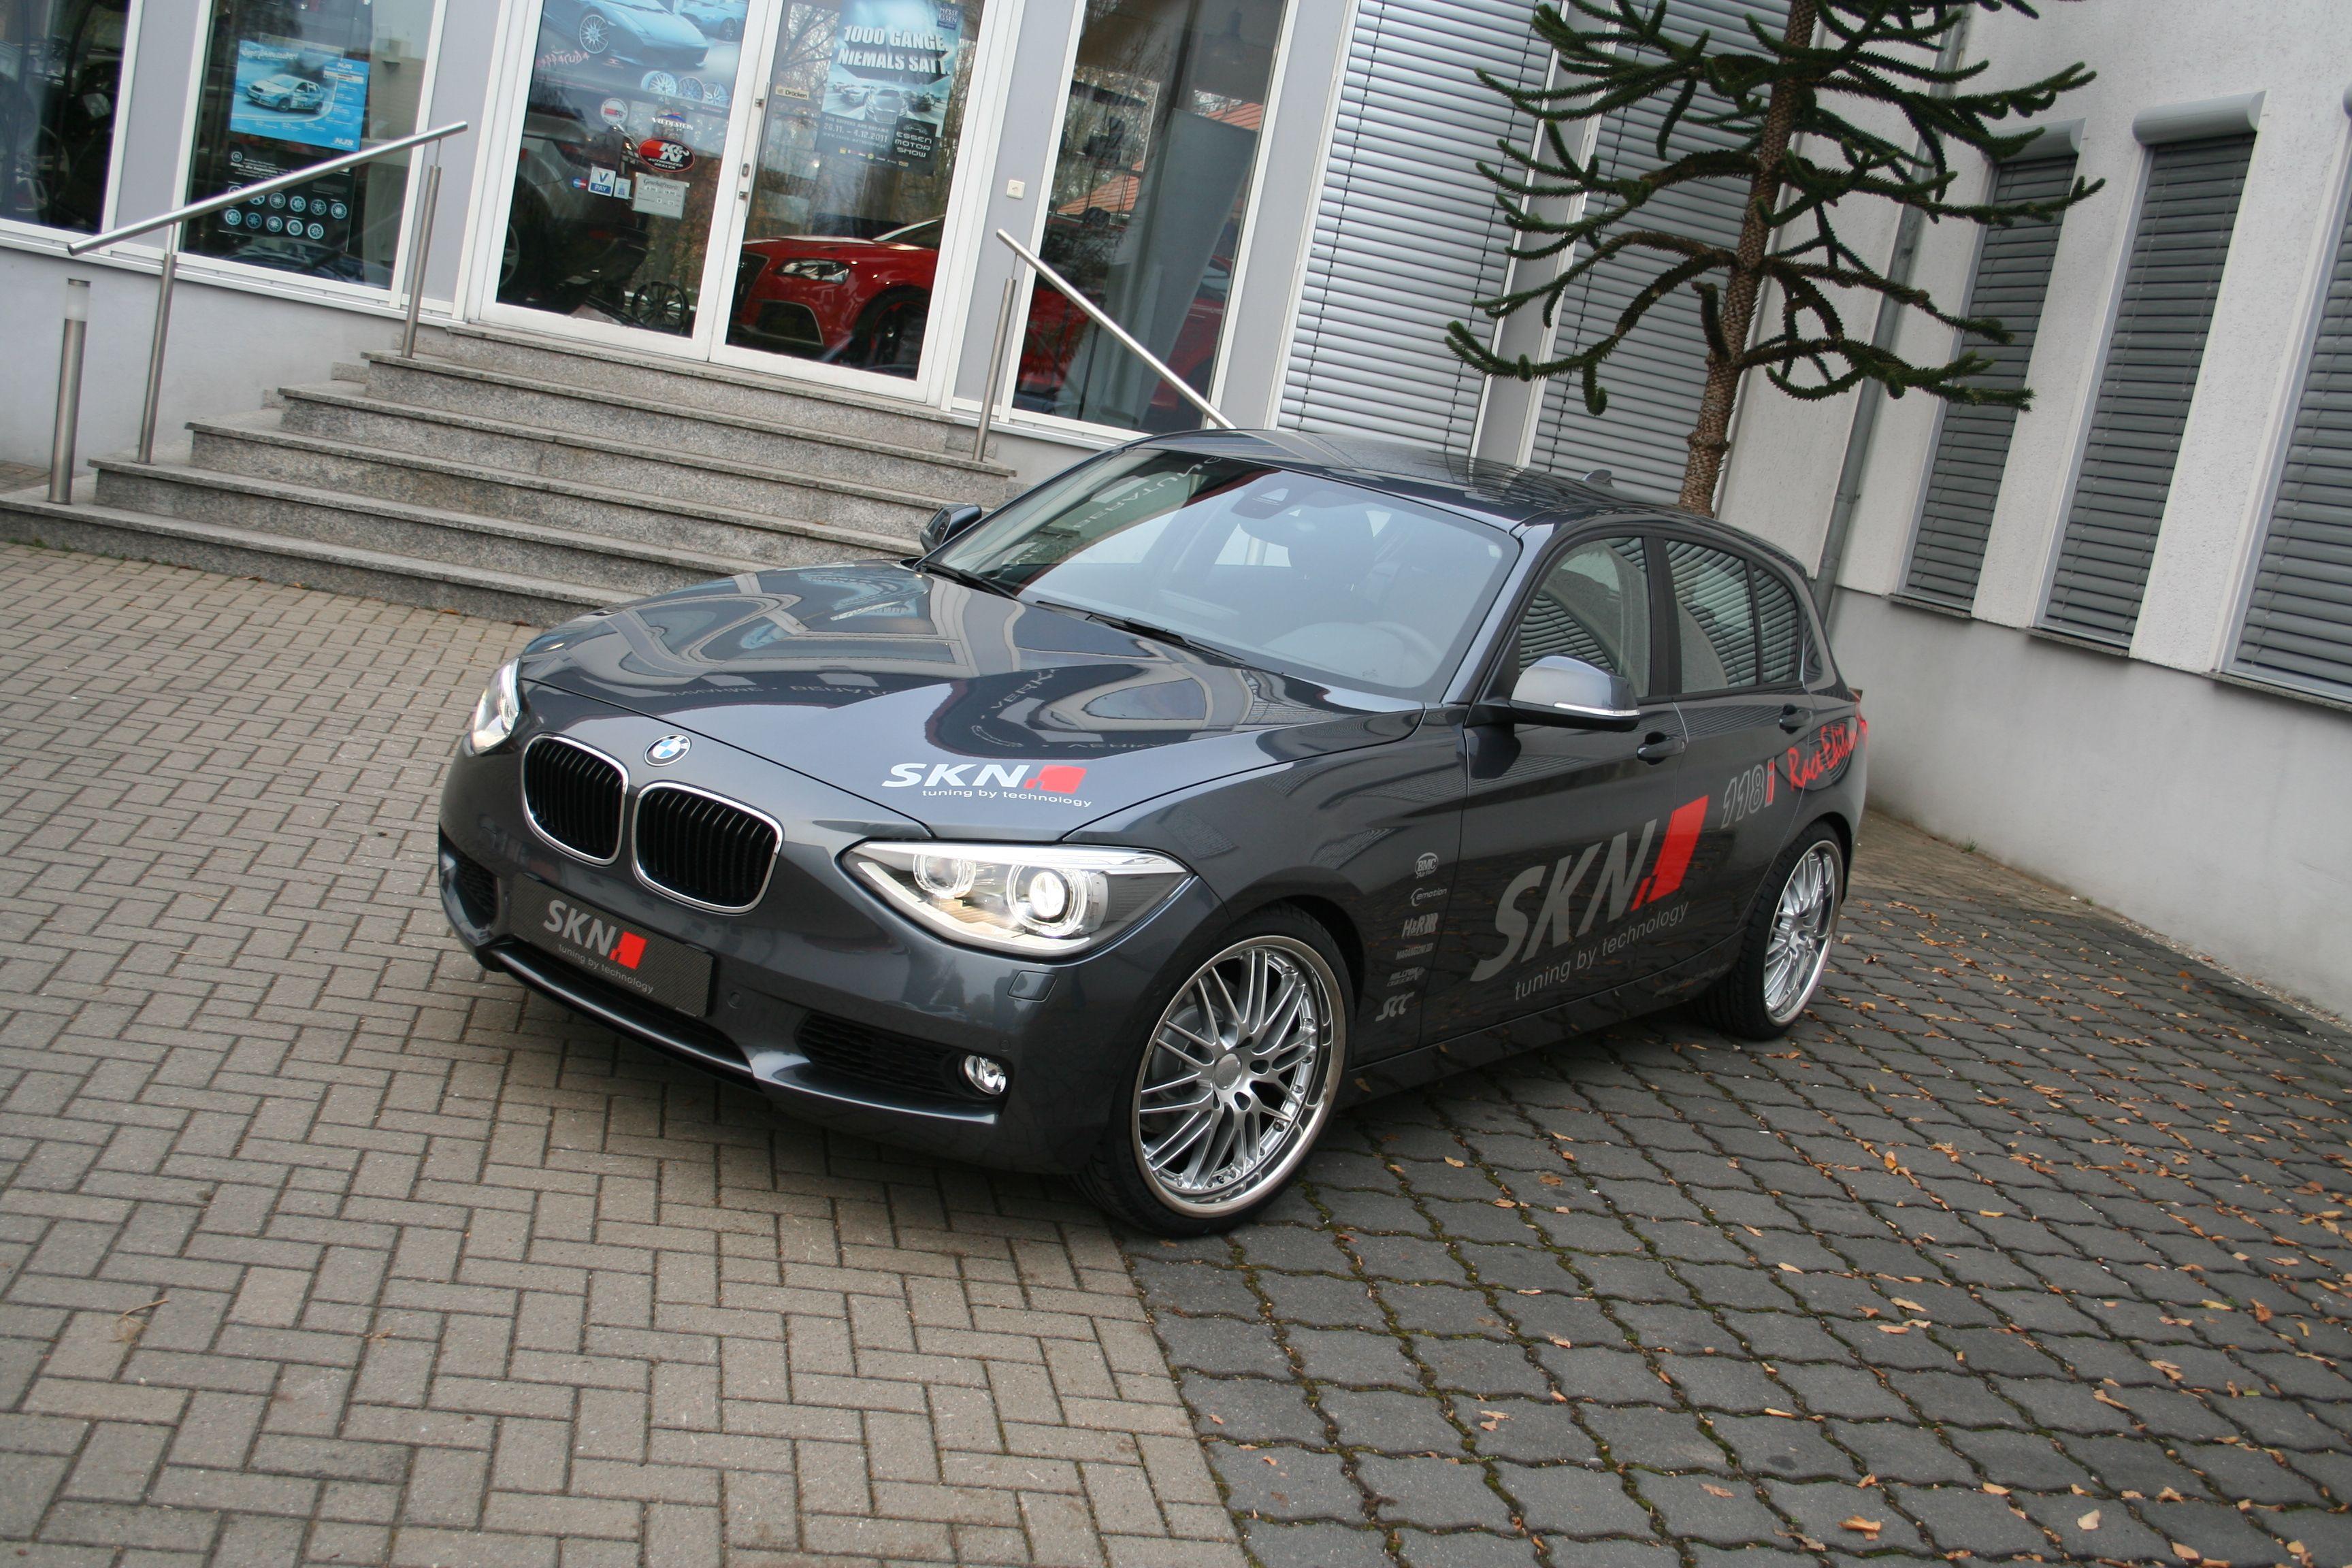 SKN BMW 118i Race Edition   Bmw